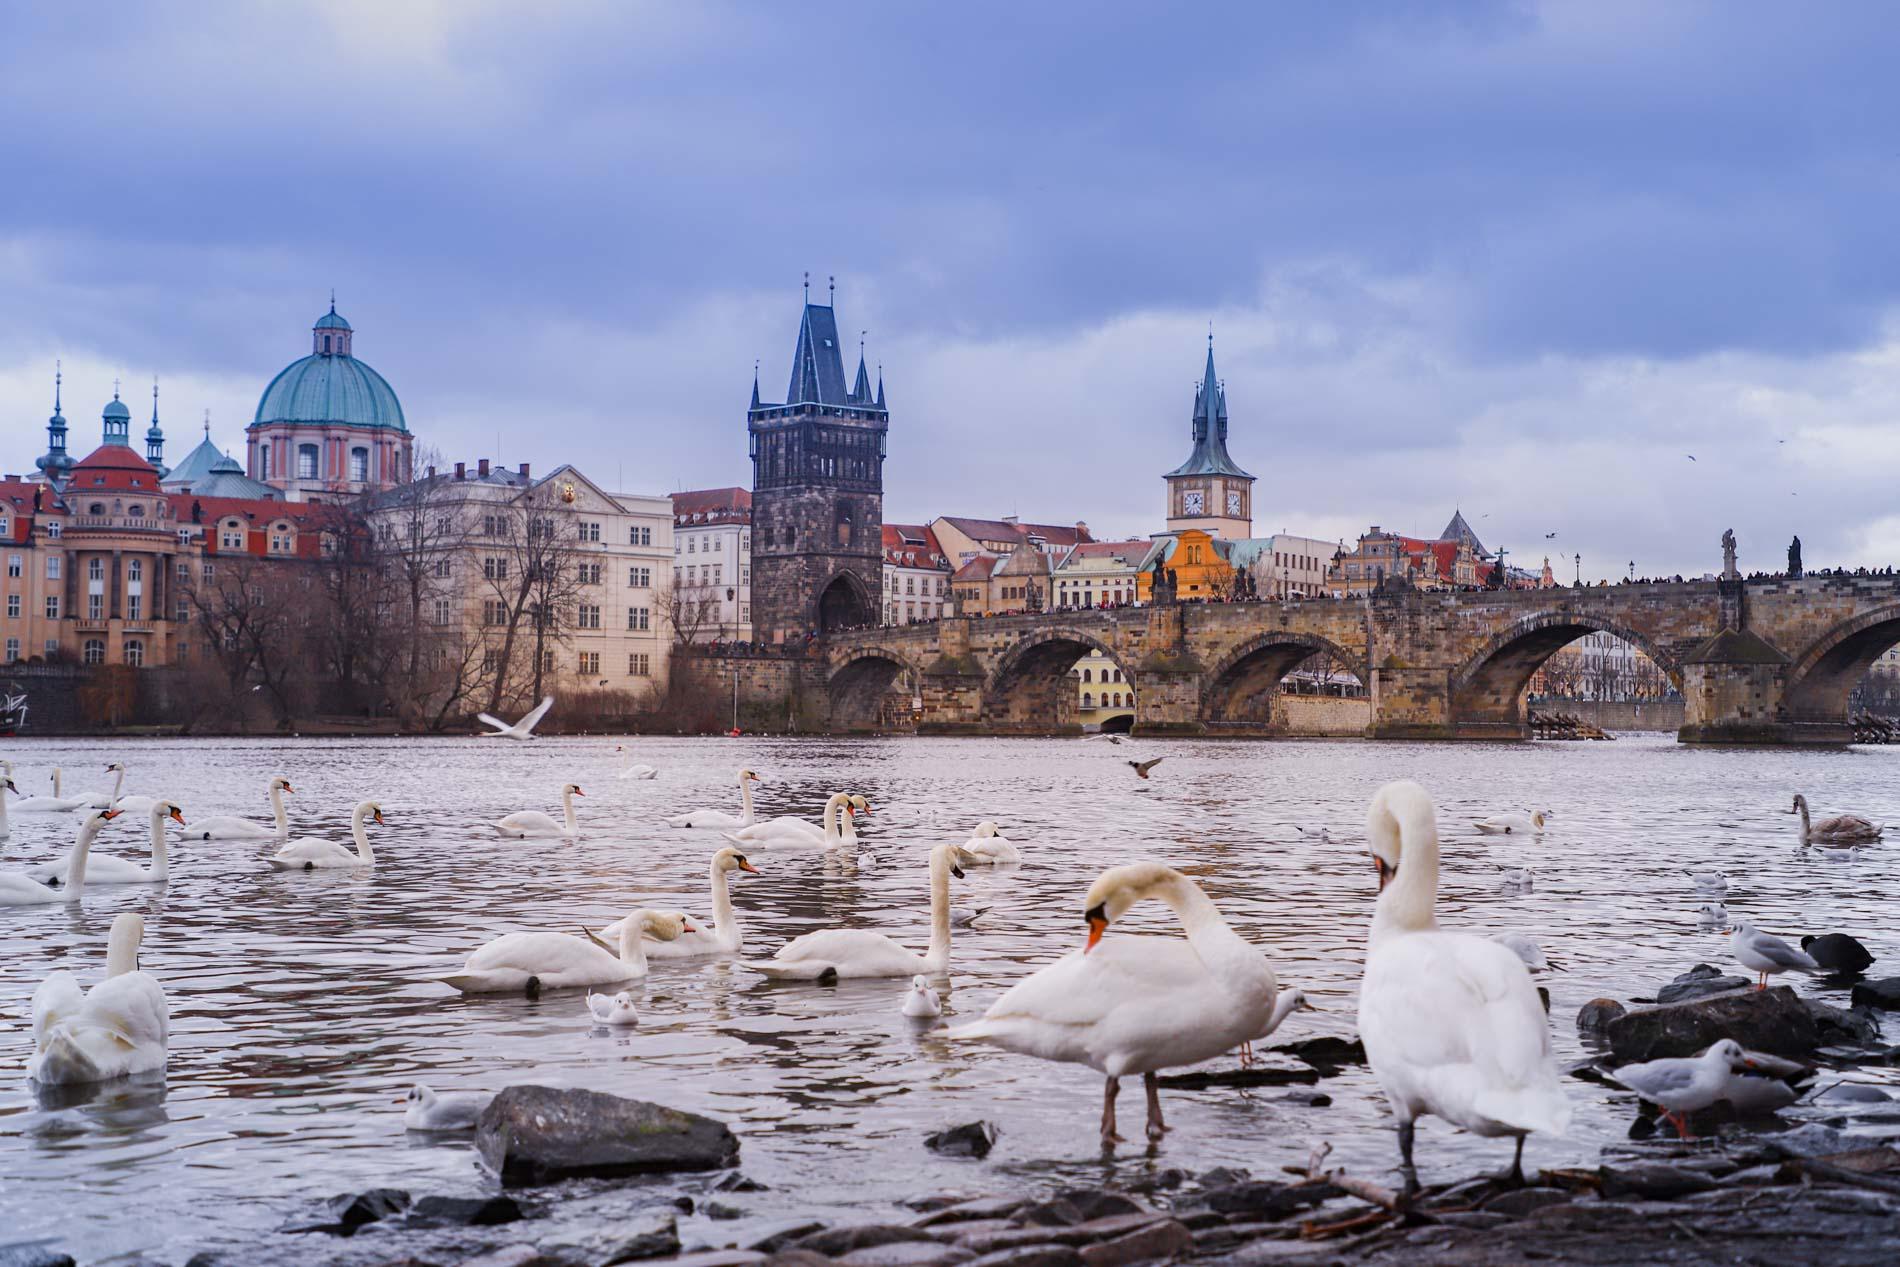 Berge-Pont-Charles-Prague